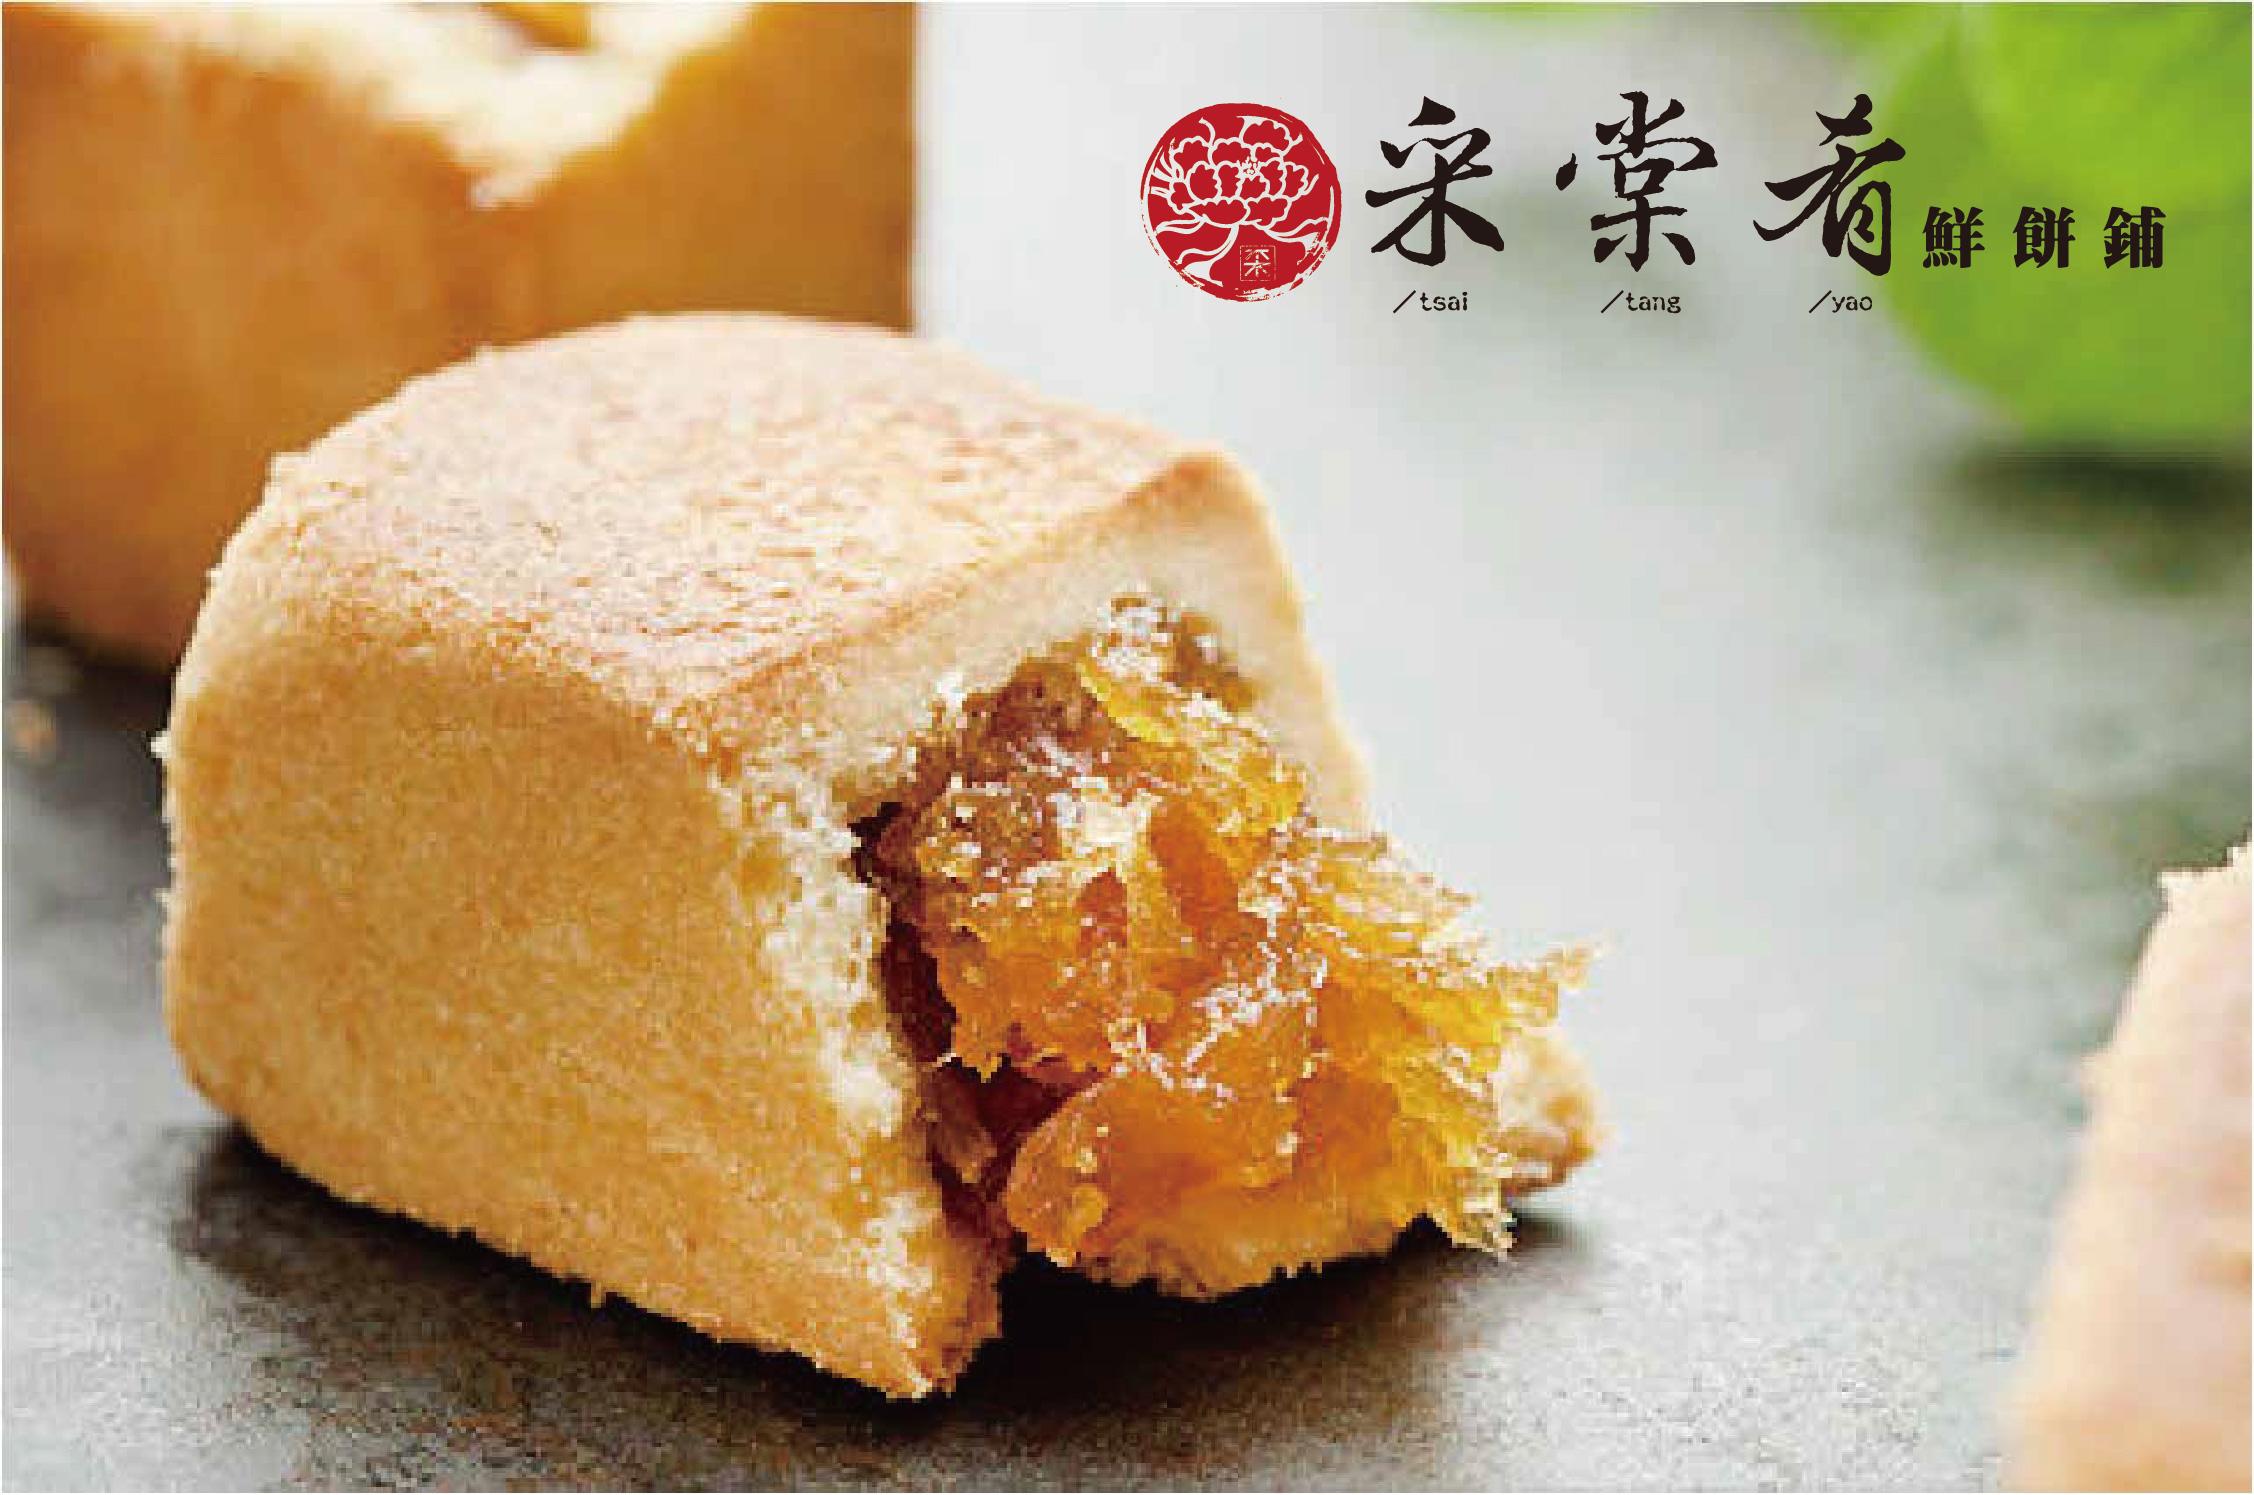 土鳳梨酥6入試吃包(六.日不單獨出貨,勿指定到貨時間)